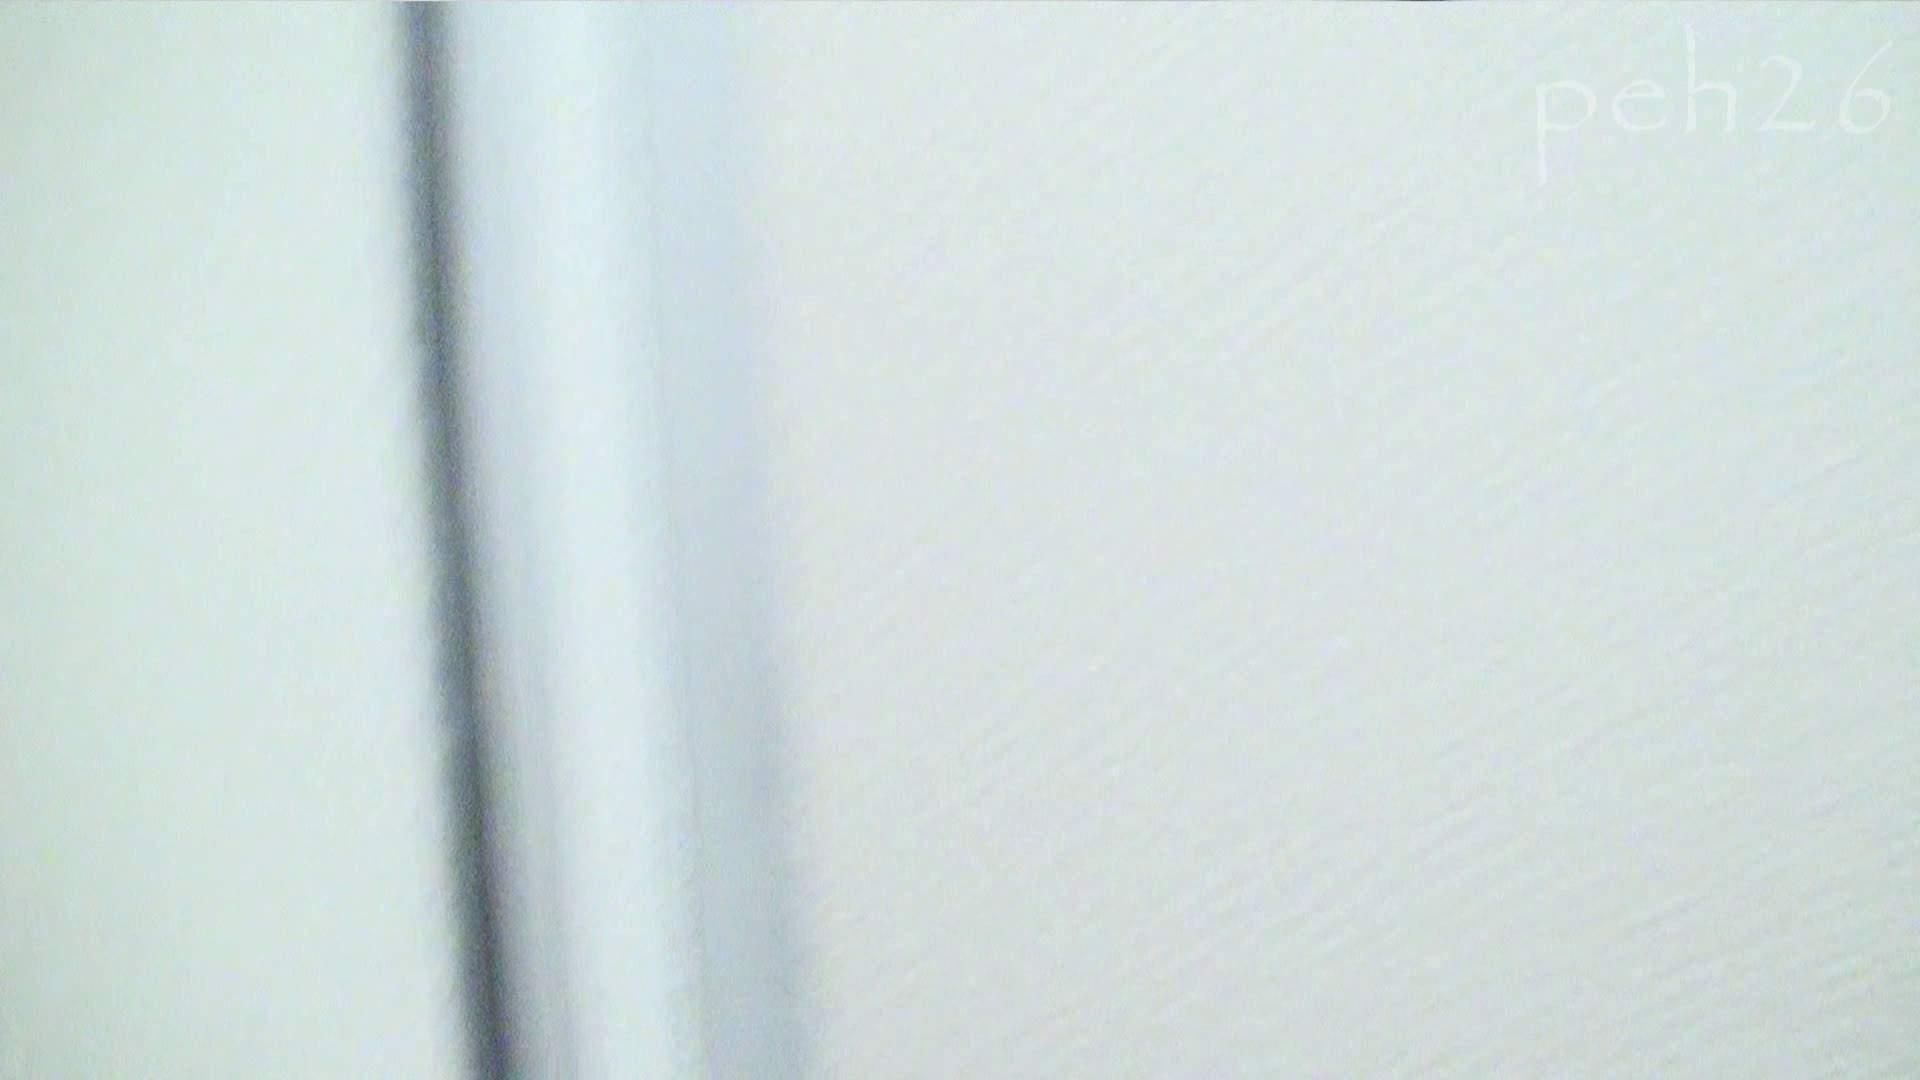 トイレ盗撮 ※100個限定販売 至高下半身盗撮 プレミアム Vol.26 ハイビジョン 怪盗ジョーカー